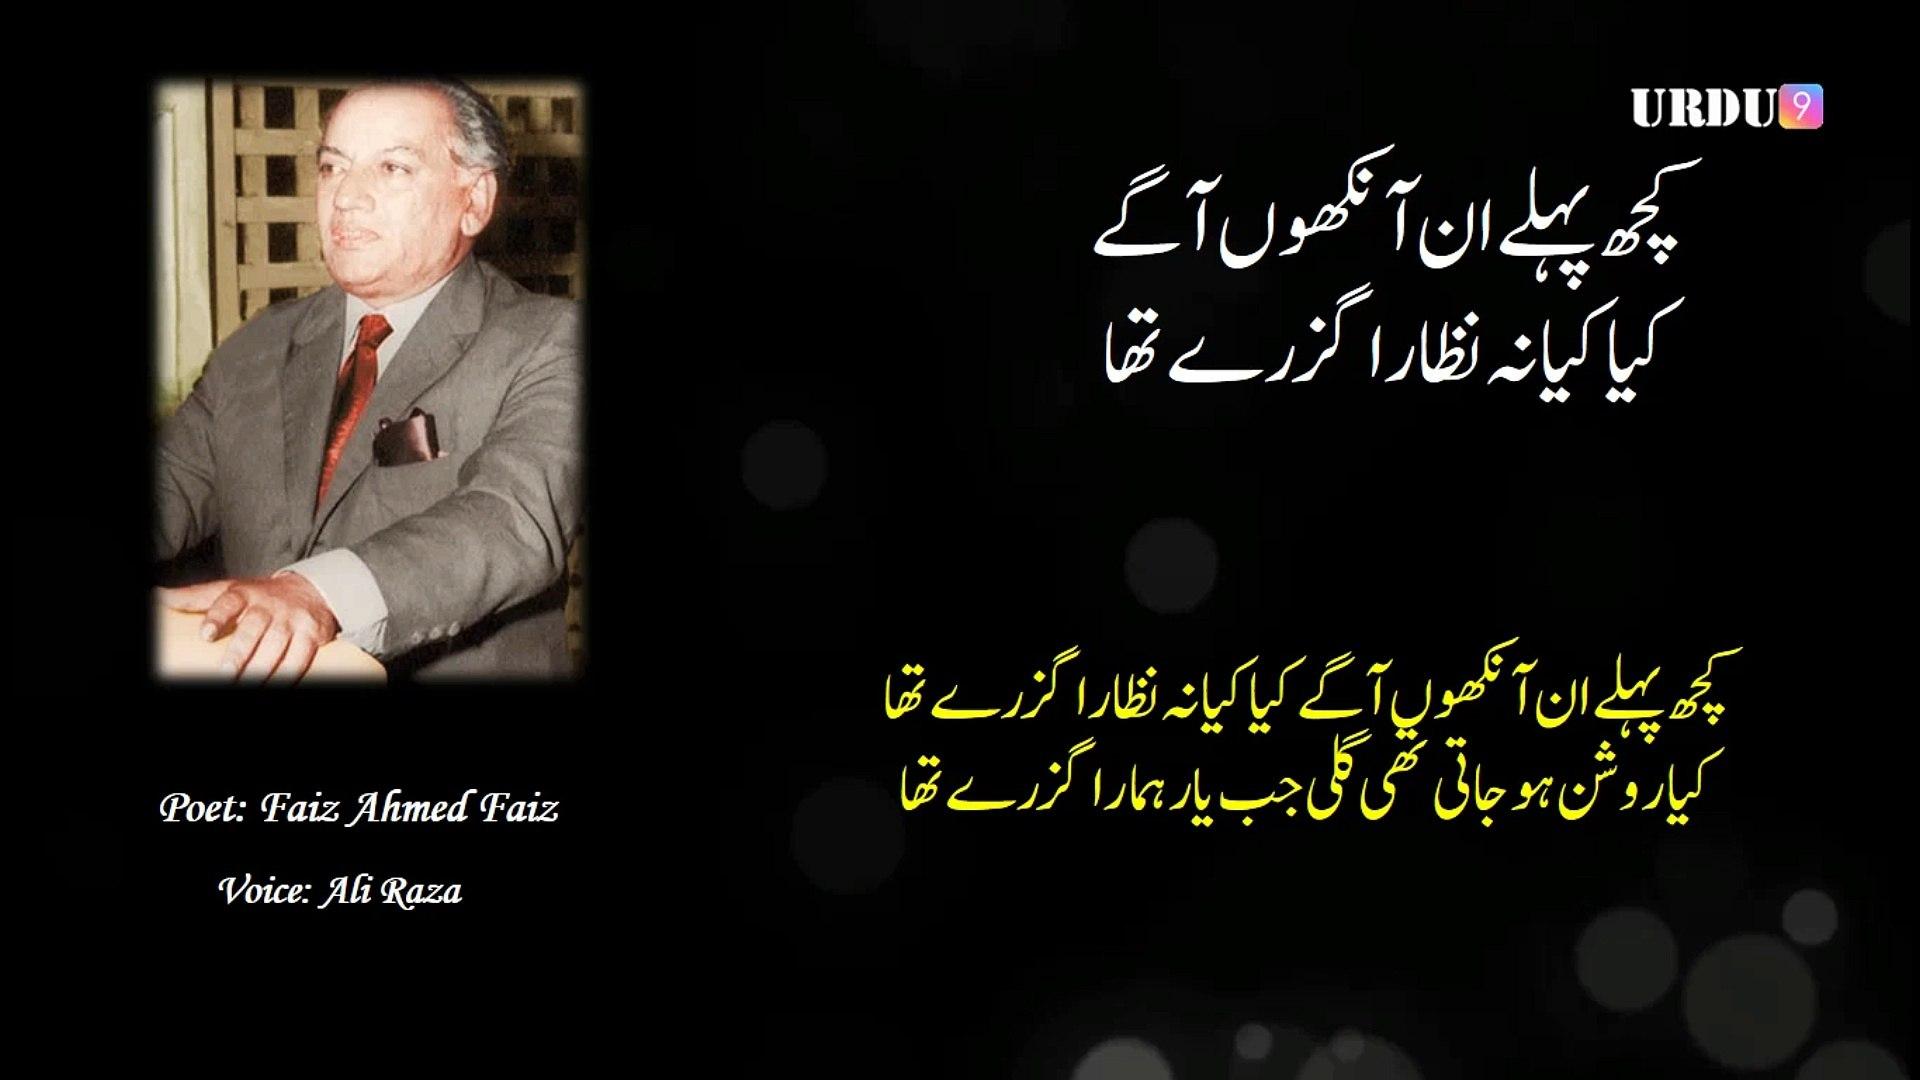 Kuch Pehle In Aankhon Aage Faiz Ahmad Faiz Urdu 9